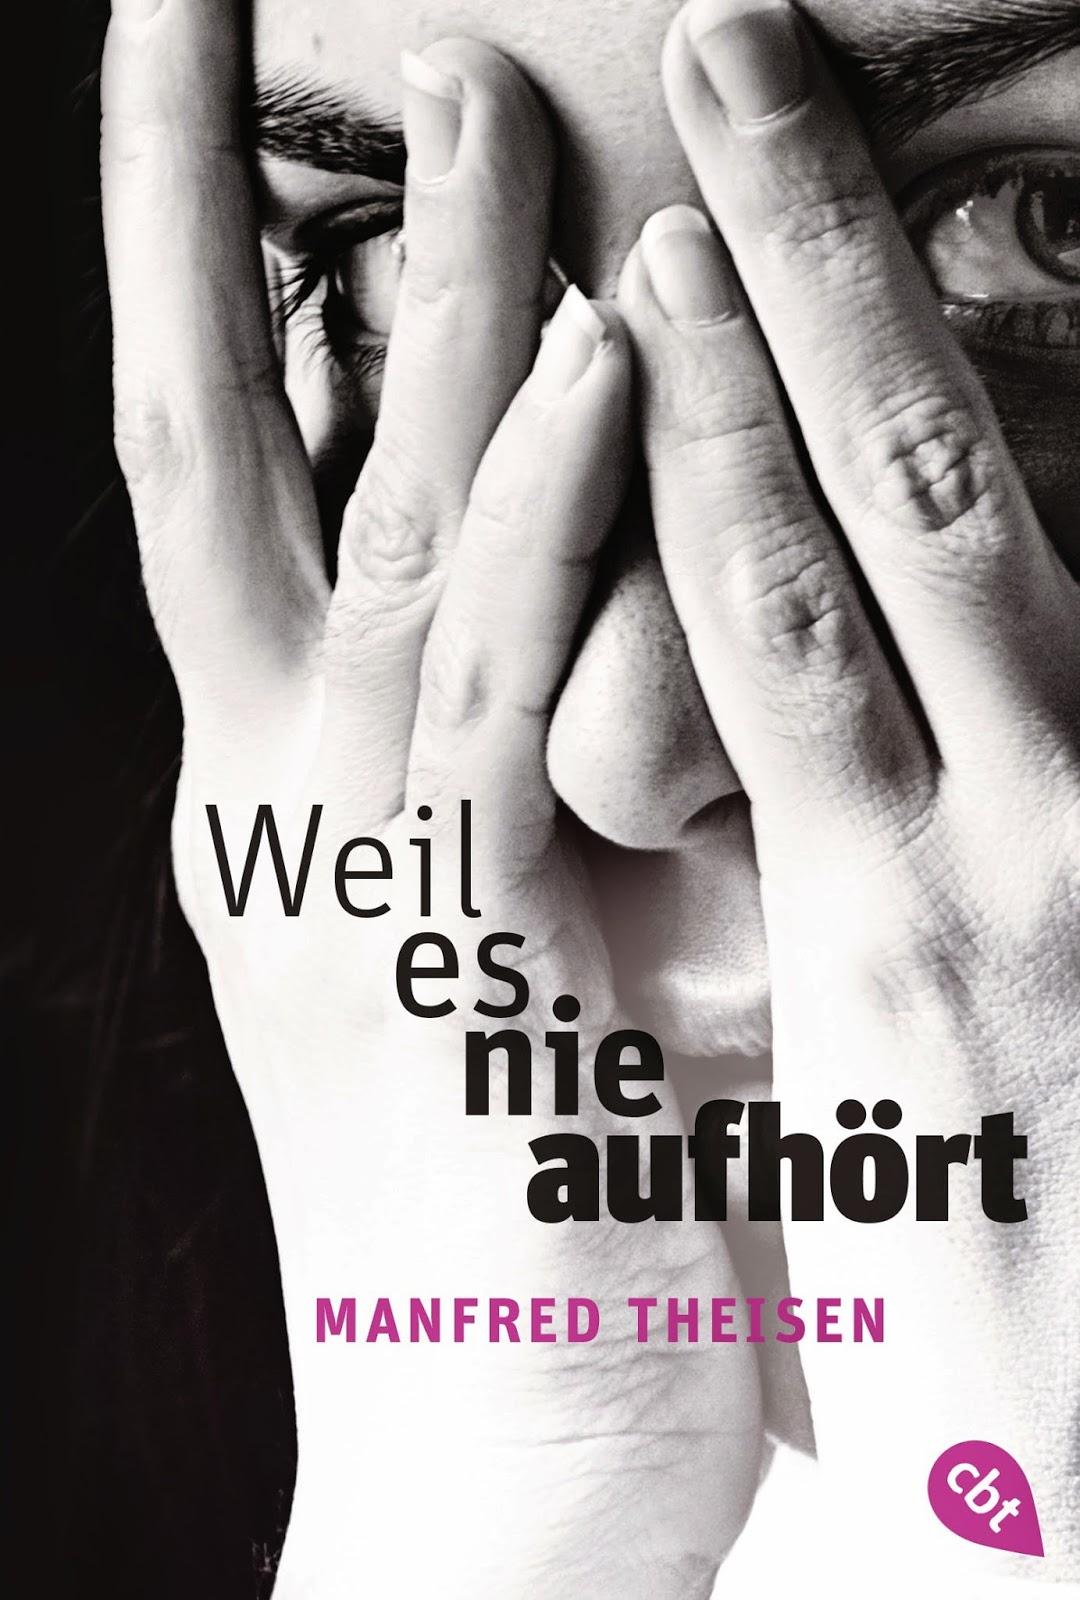 http://www.amazon.de/Weil-nie-aufh%C3%B6rt-Manfred-Theisen/dp/3570309029/ref=sr_1_1?ie=UTF8&qid=1410007075&sr=8-1&keywords=weil+es+nie+aufh%C3%B6rt